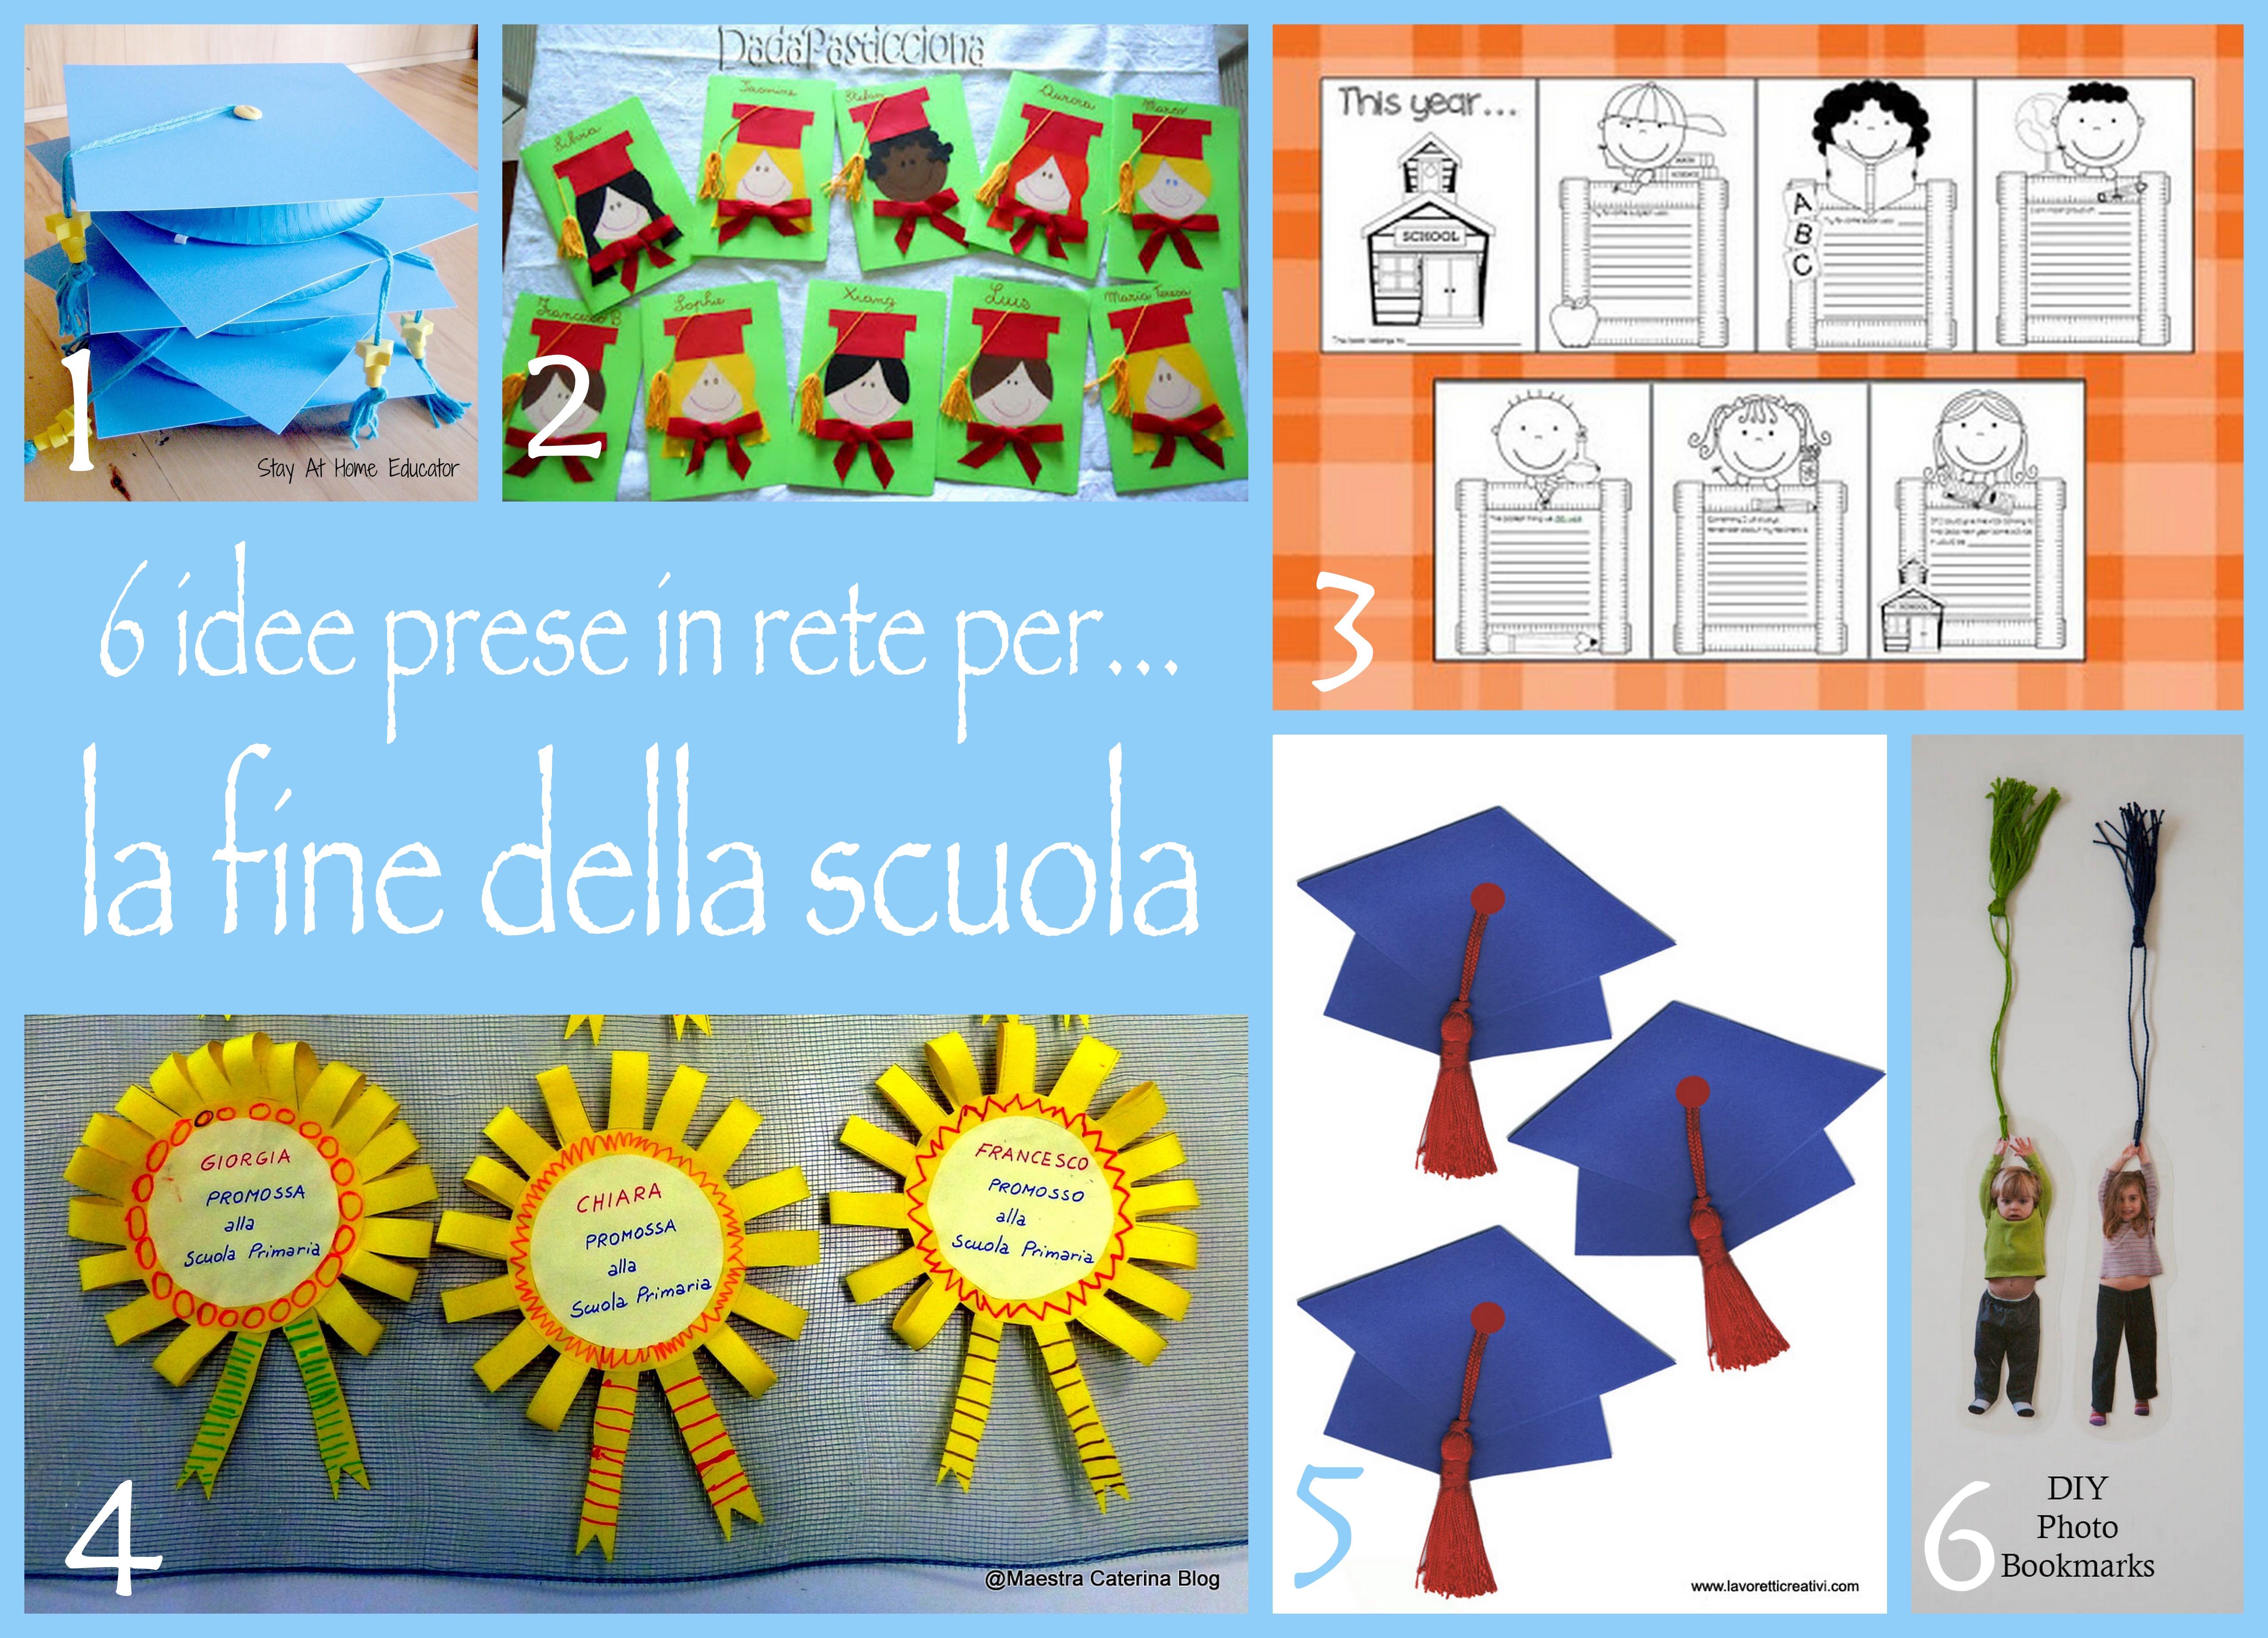 6 idee fine della scuola